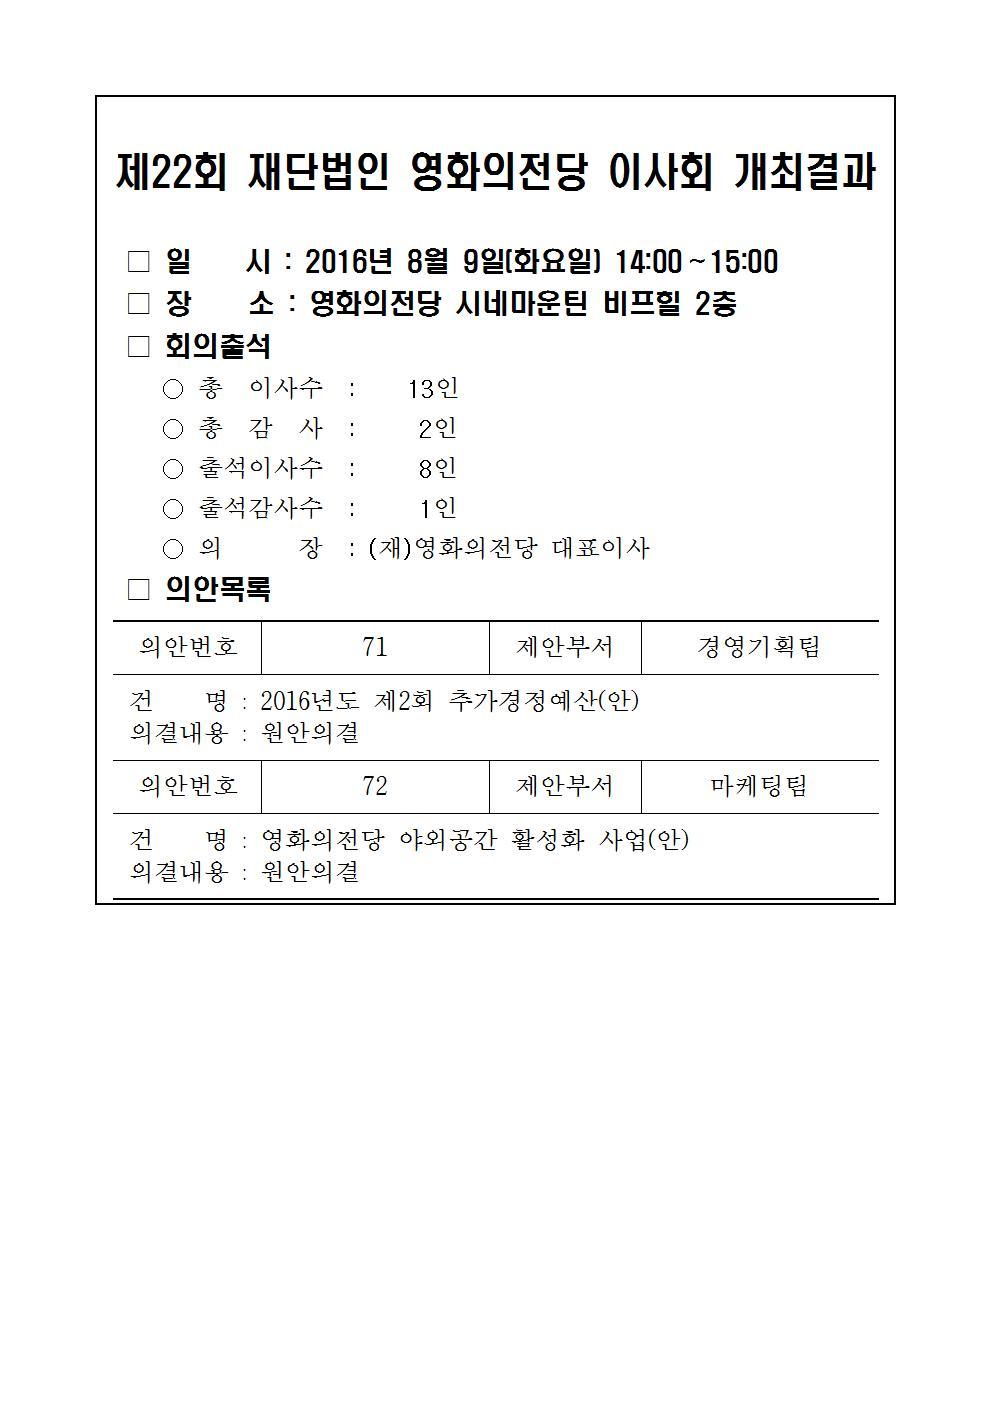 제22회 재단법인 영화의전당 이사회 개최결과(정보공개)